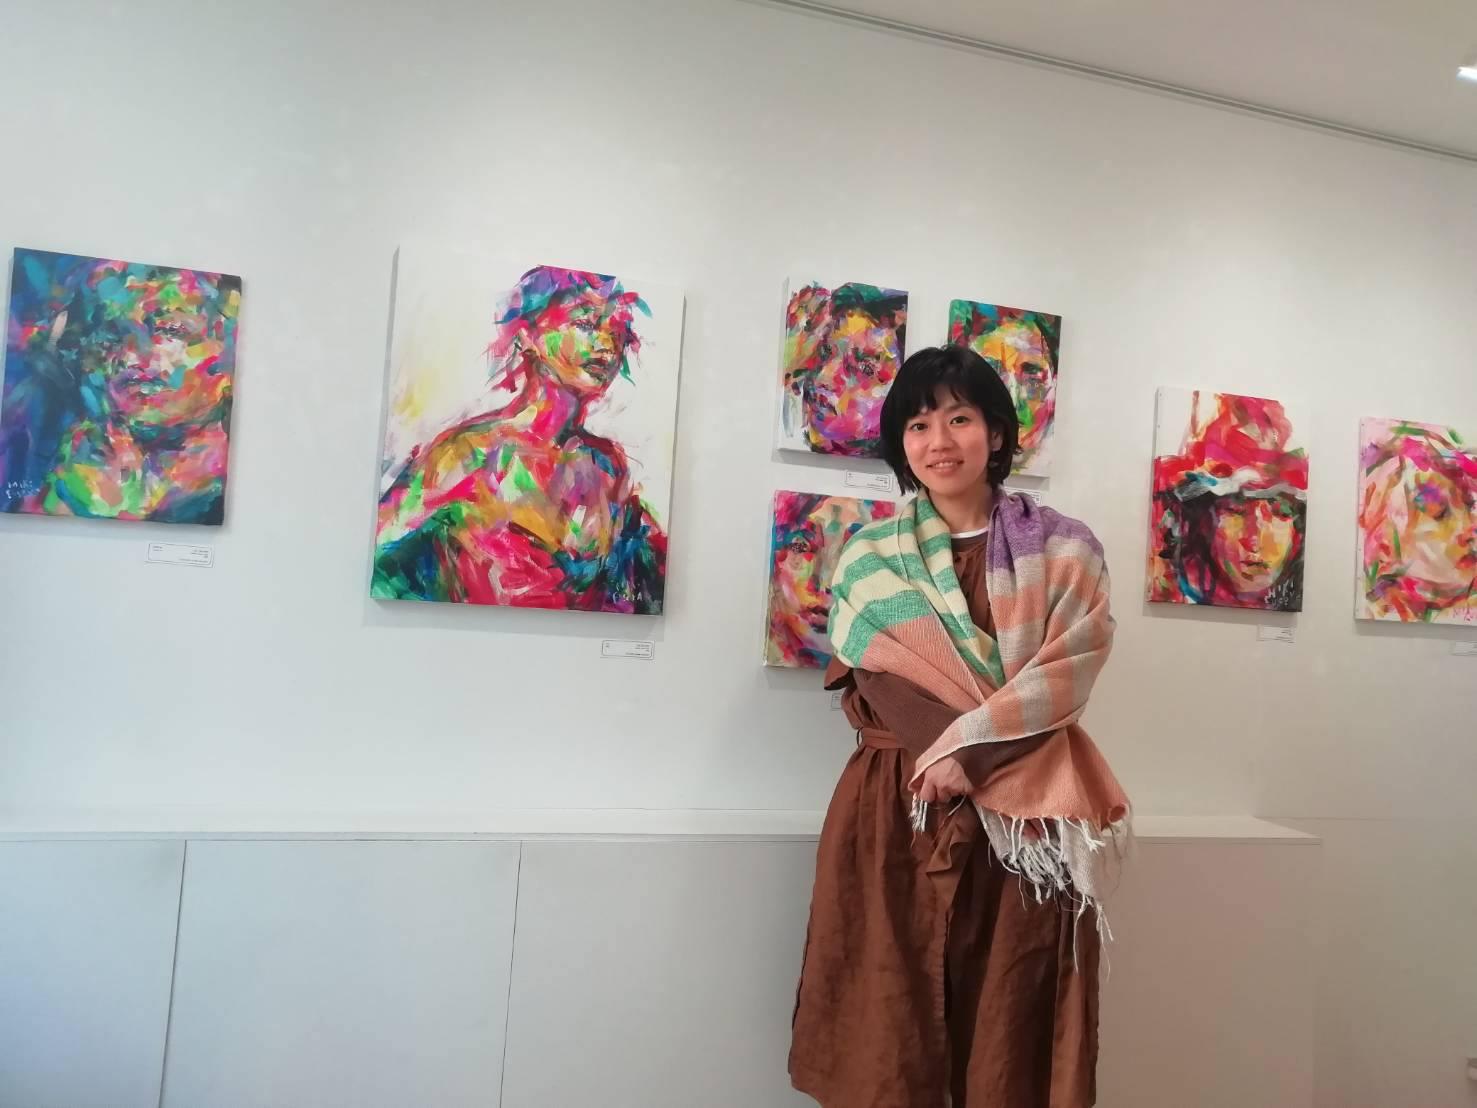 独自の色彩感覚で、心の揺れや、あいまいな表情など、微妙な感情や思いを表現。ウエルカムボード、CD、書籍などへの絵の提供、個展・ライブペイント・レンタルアートなど幅広く活動。オランダ アムステルダムでの個展開催やニューヨーク・ロサンゼルスでのグループ展にも参加。日々の暮らしを照らすアートを展開中。